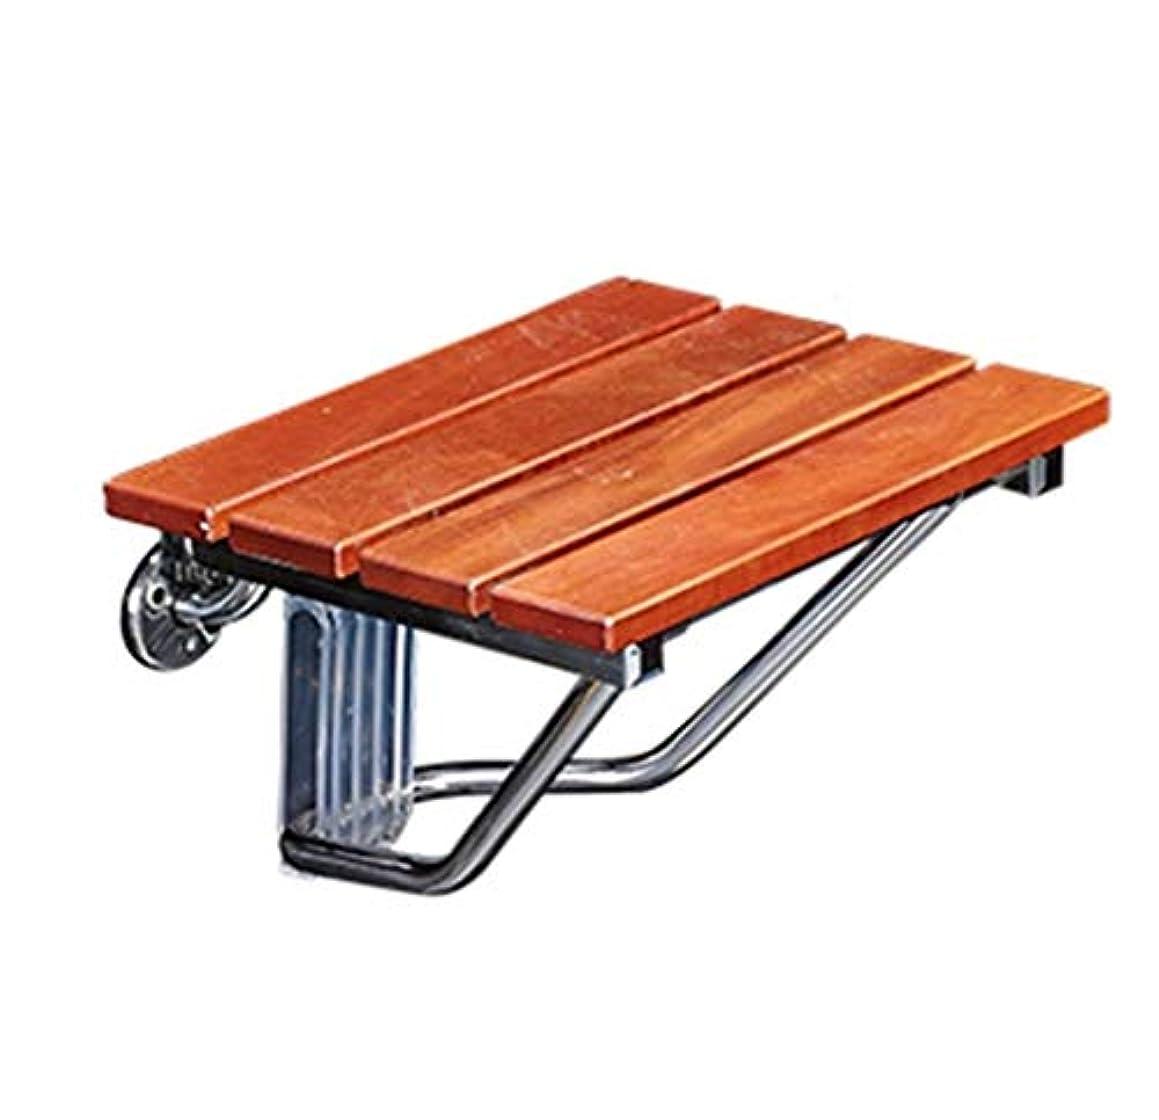 折り畳み式の壁のシャワーの腰掛け、壁に取り付けられた木製の折りたたみ式のシャワーの座席木製の変更は高齢者/身体障害者のスリップ防止シャワーの椅子のために腰掛け